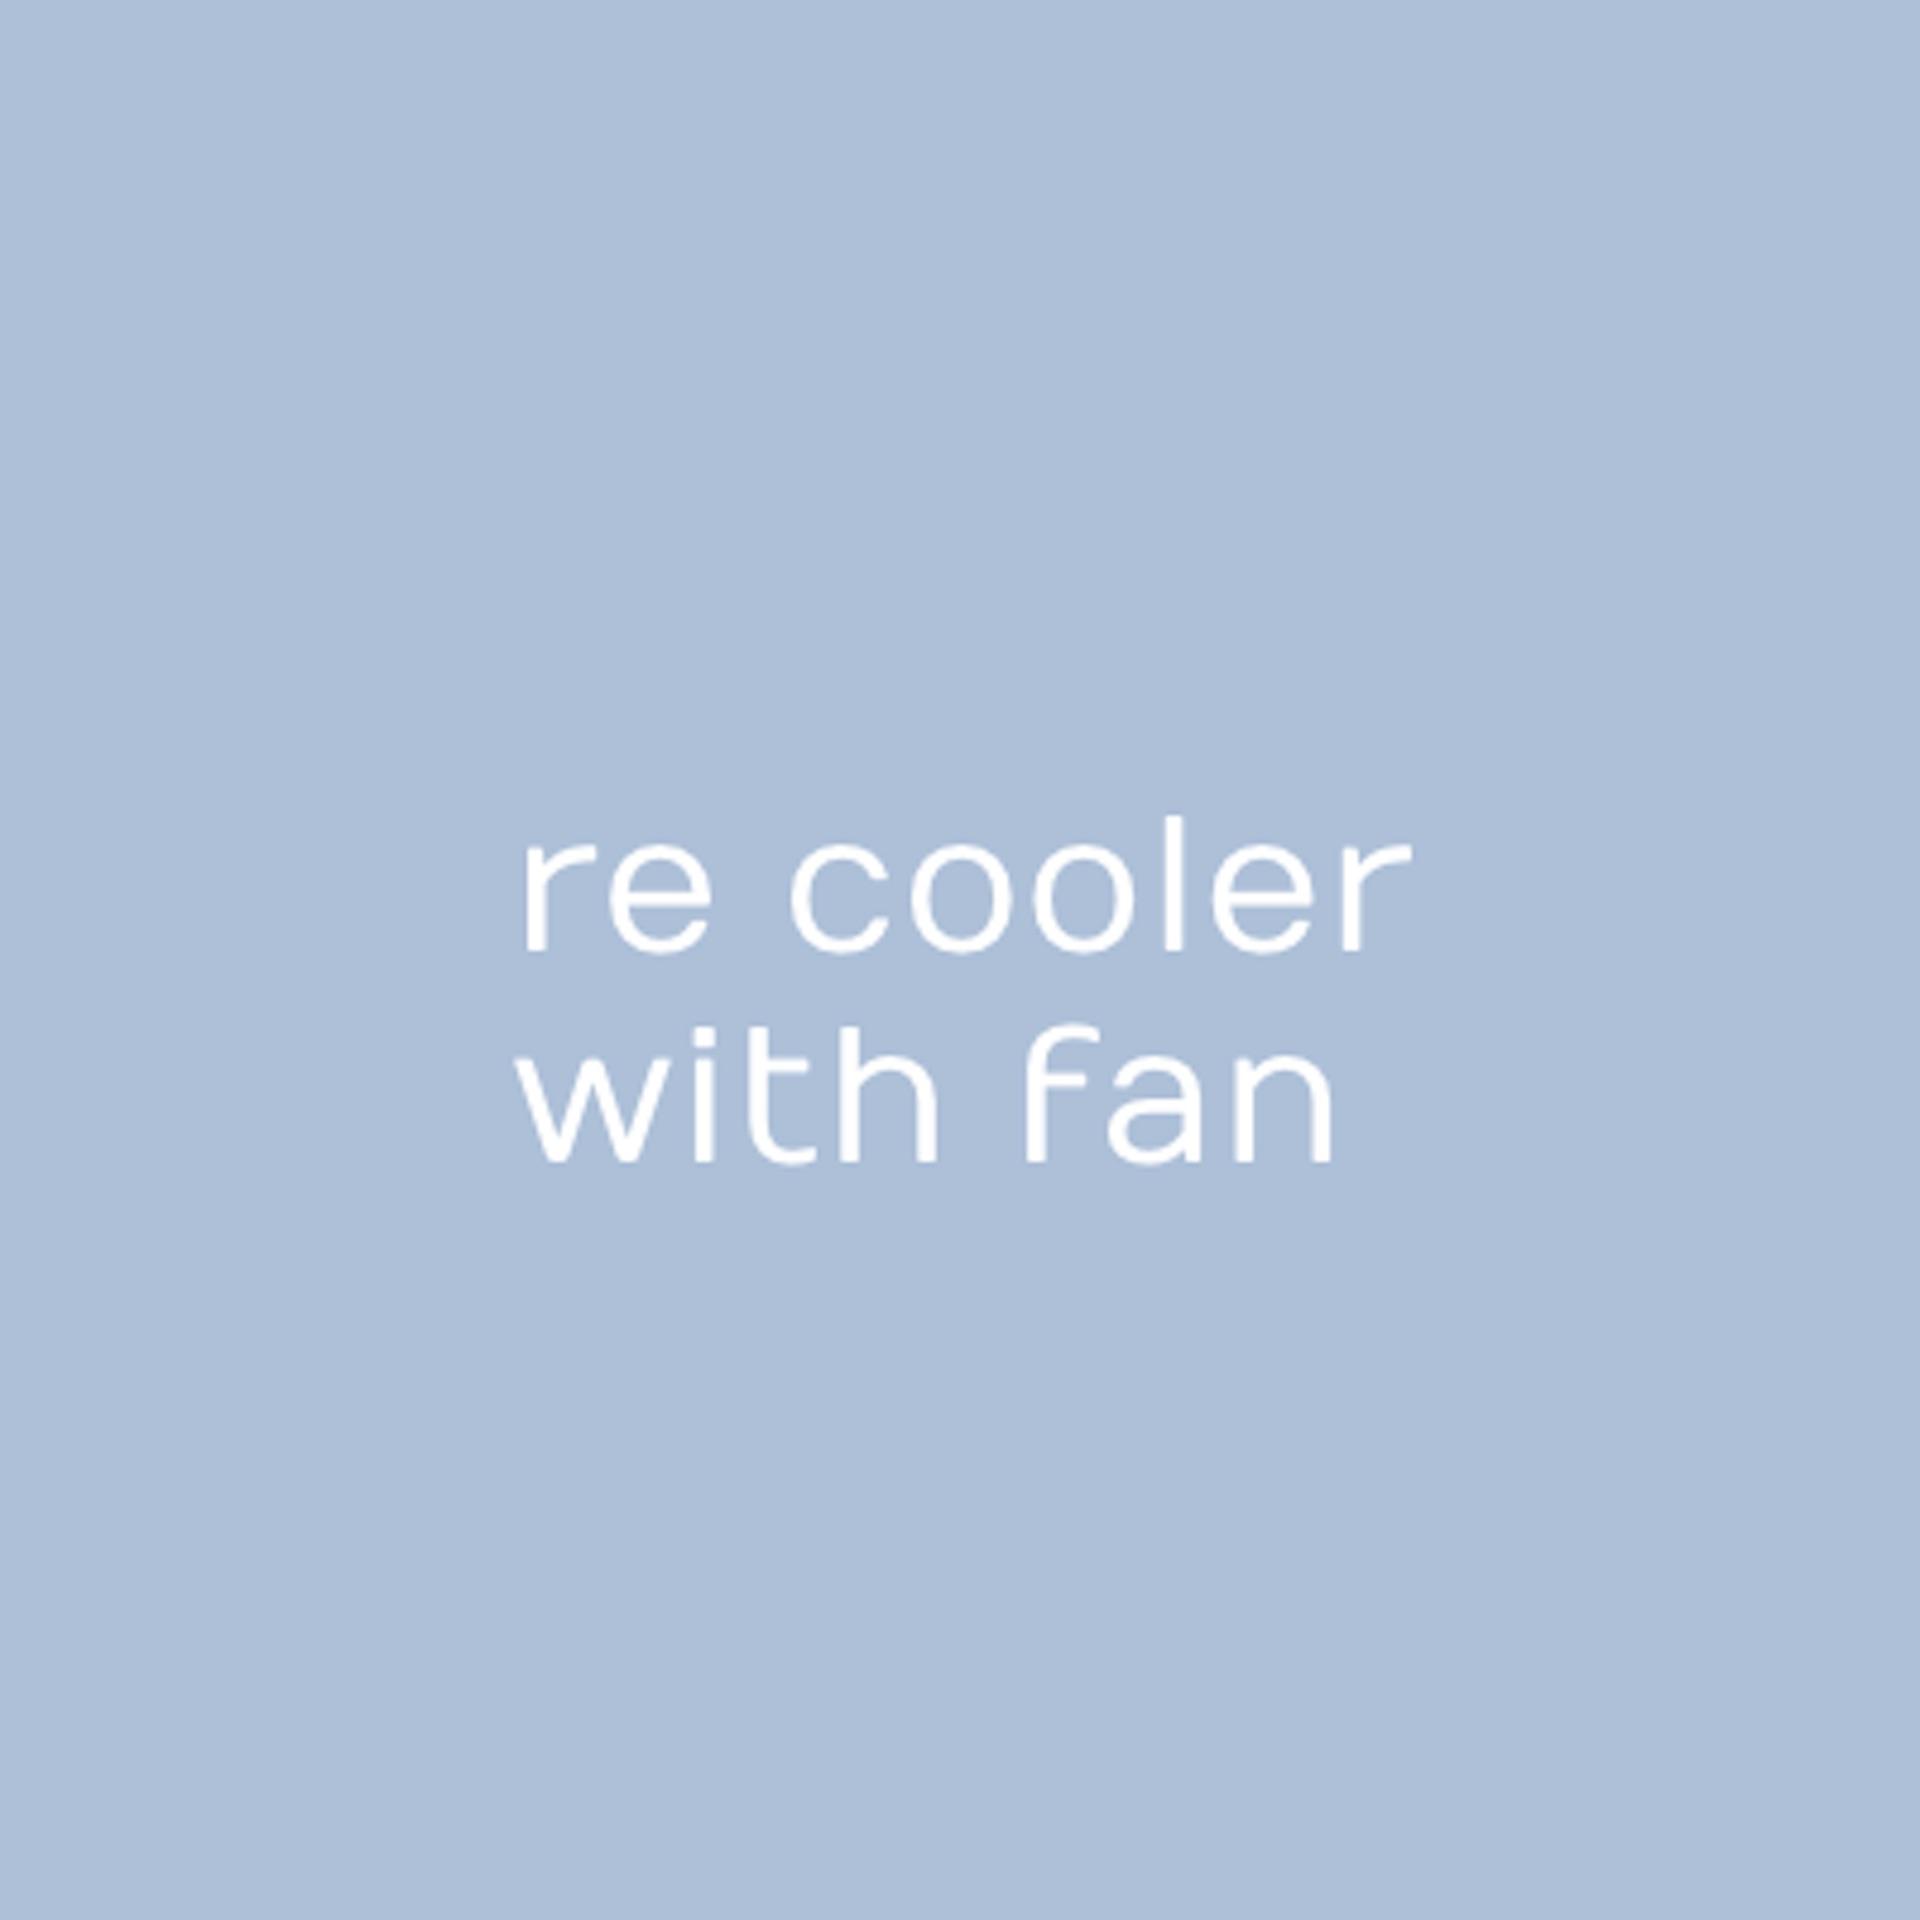 GWA_re_cooler_with_fan_Gesellschaft_fuer_Waerme_und_Anlagentechnik_mbH_monochrom